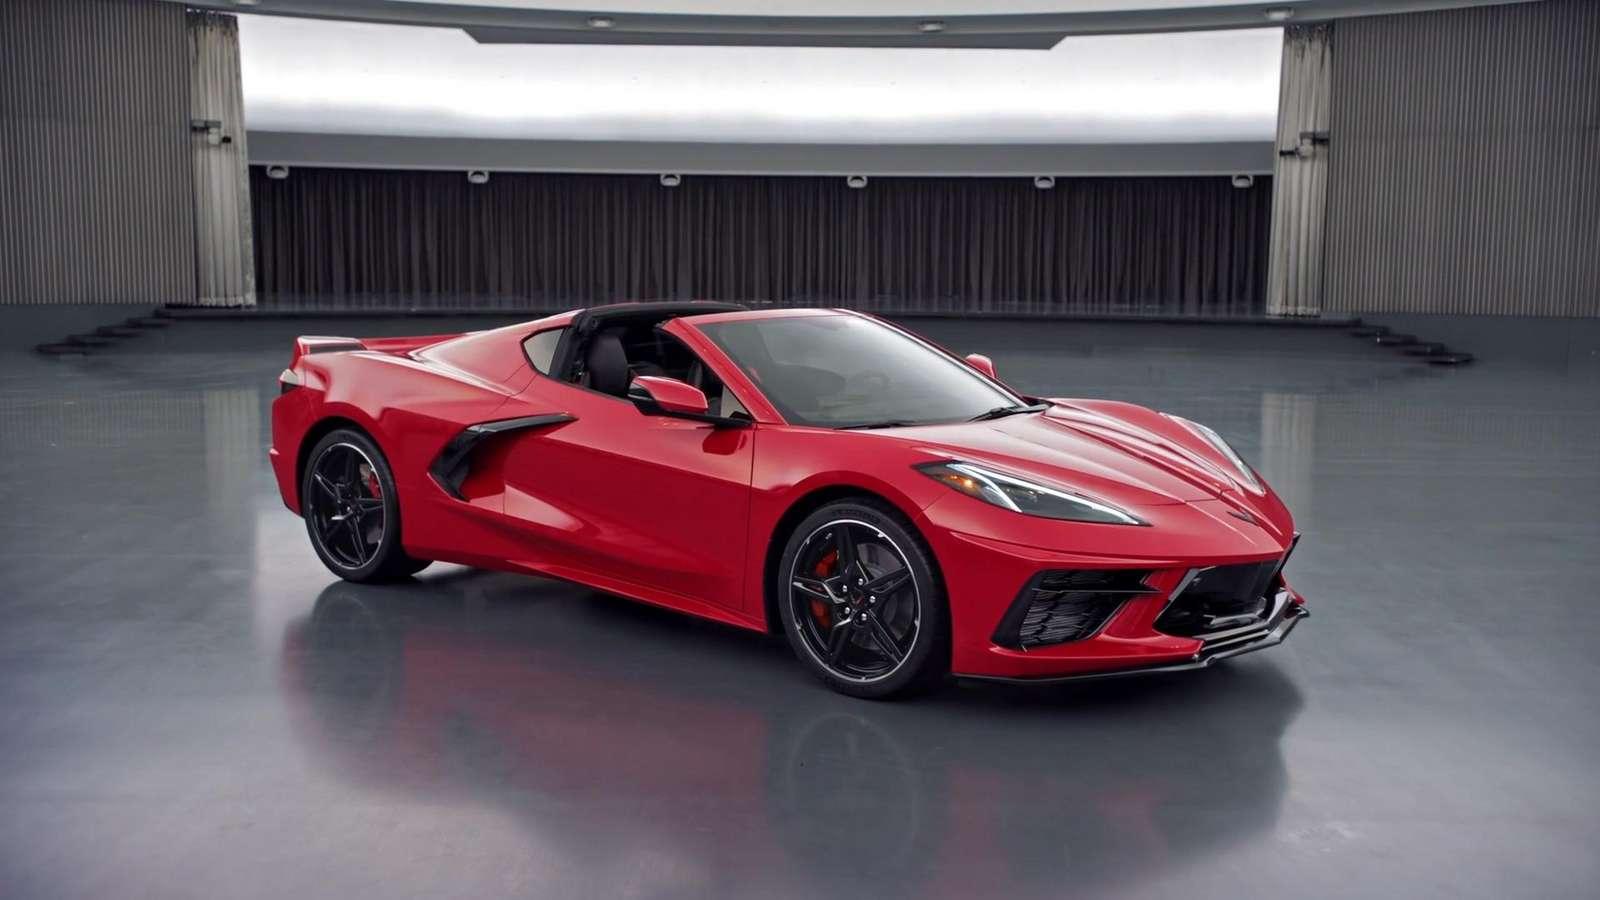 C8 Chevrolet Corvette serial number 001 sells for $3 million